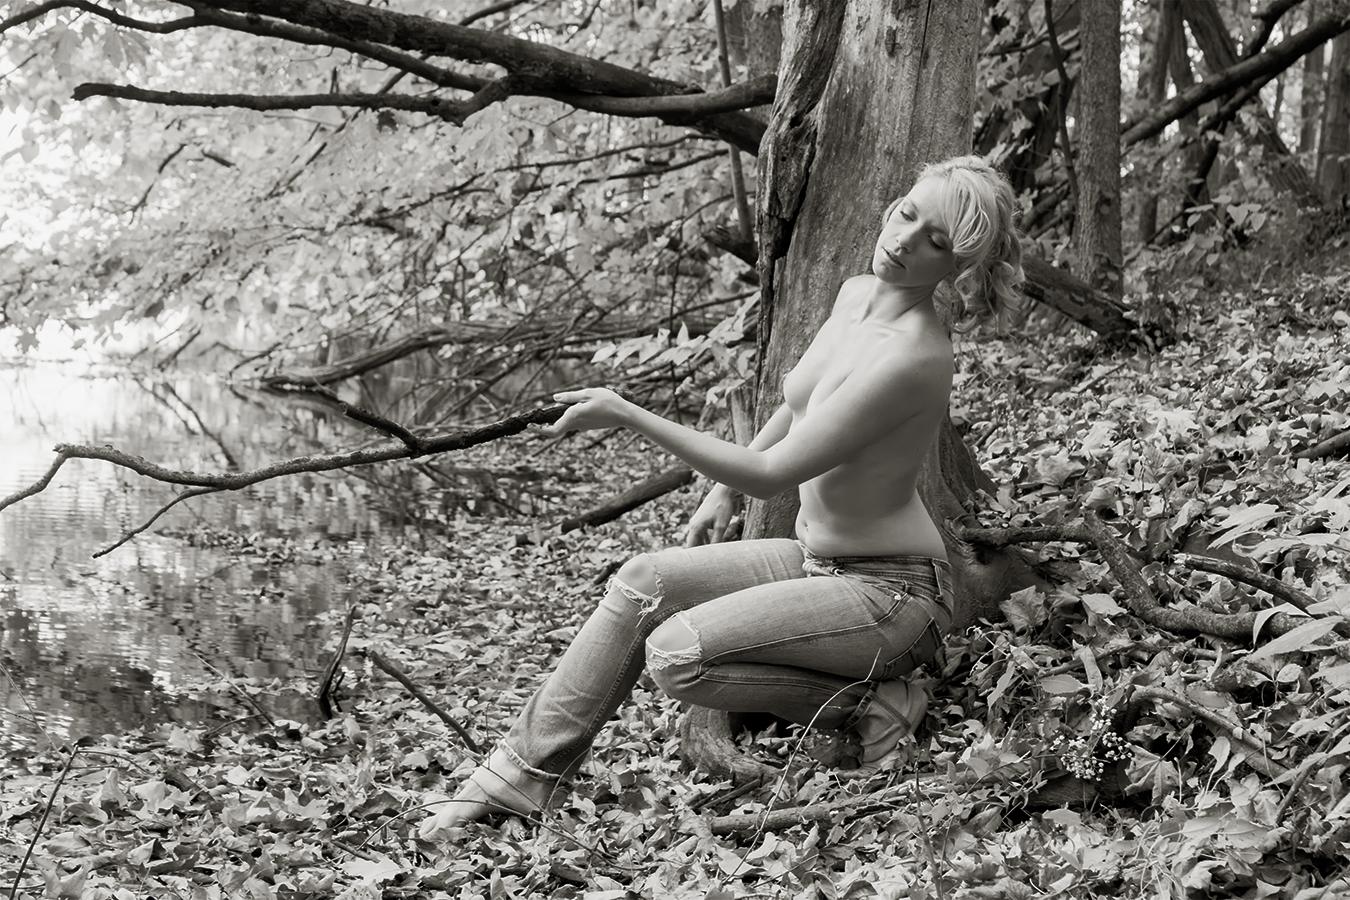 charles i. letbetter - protest naked